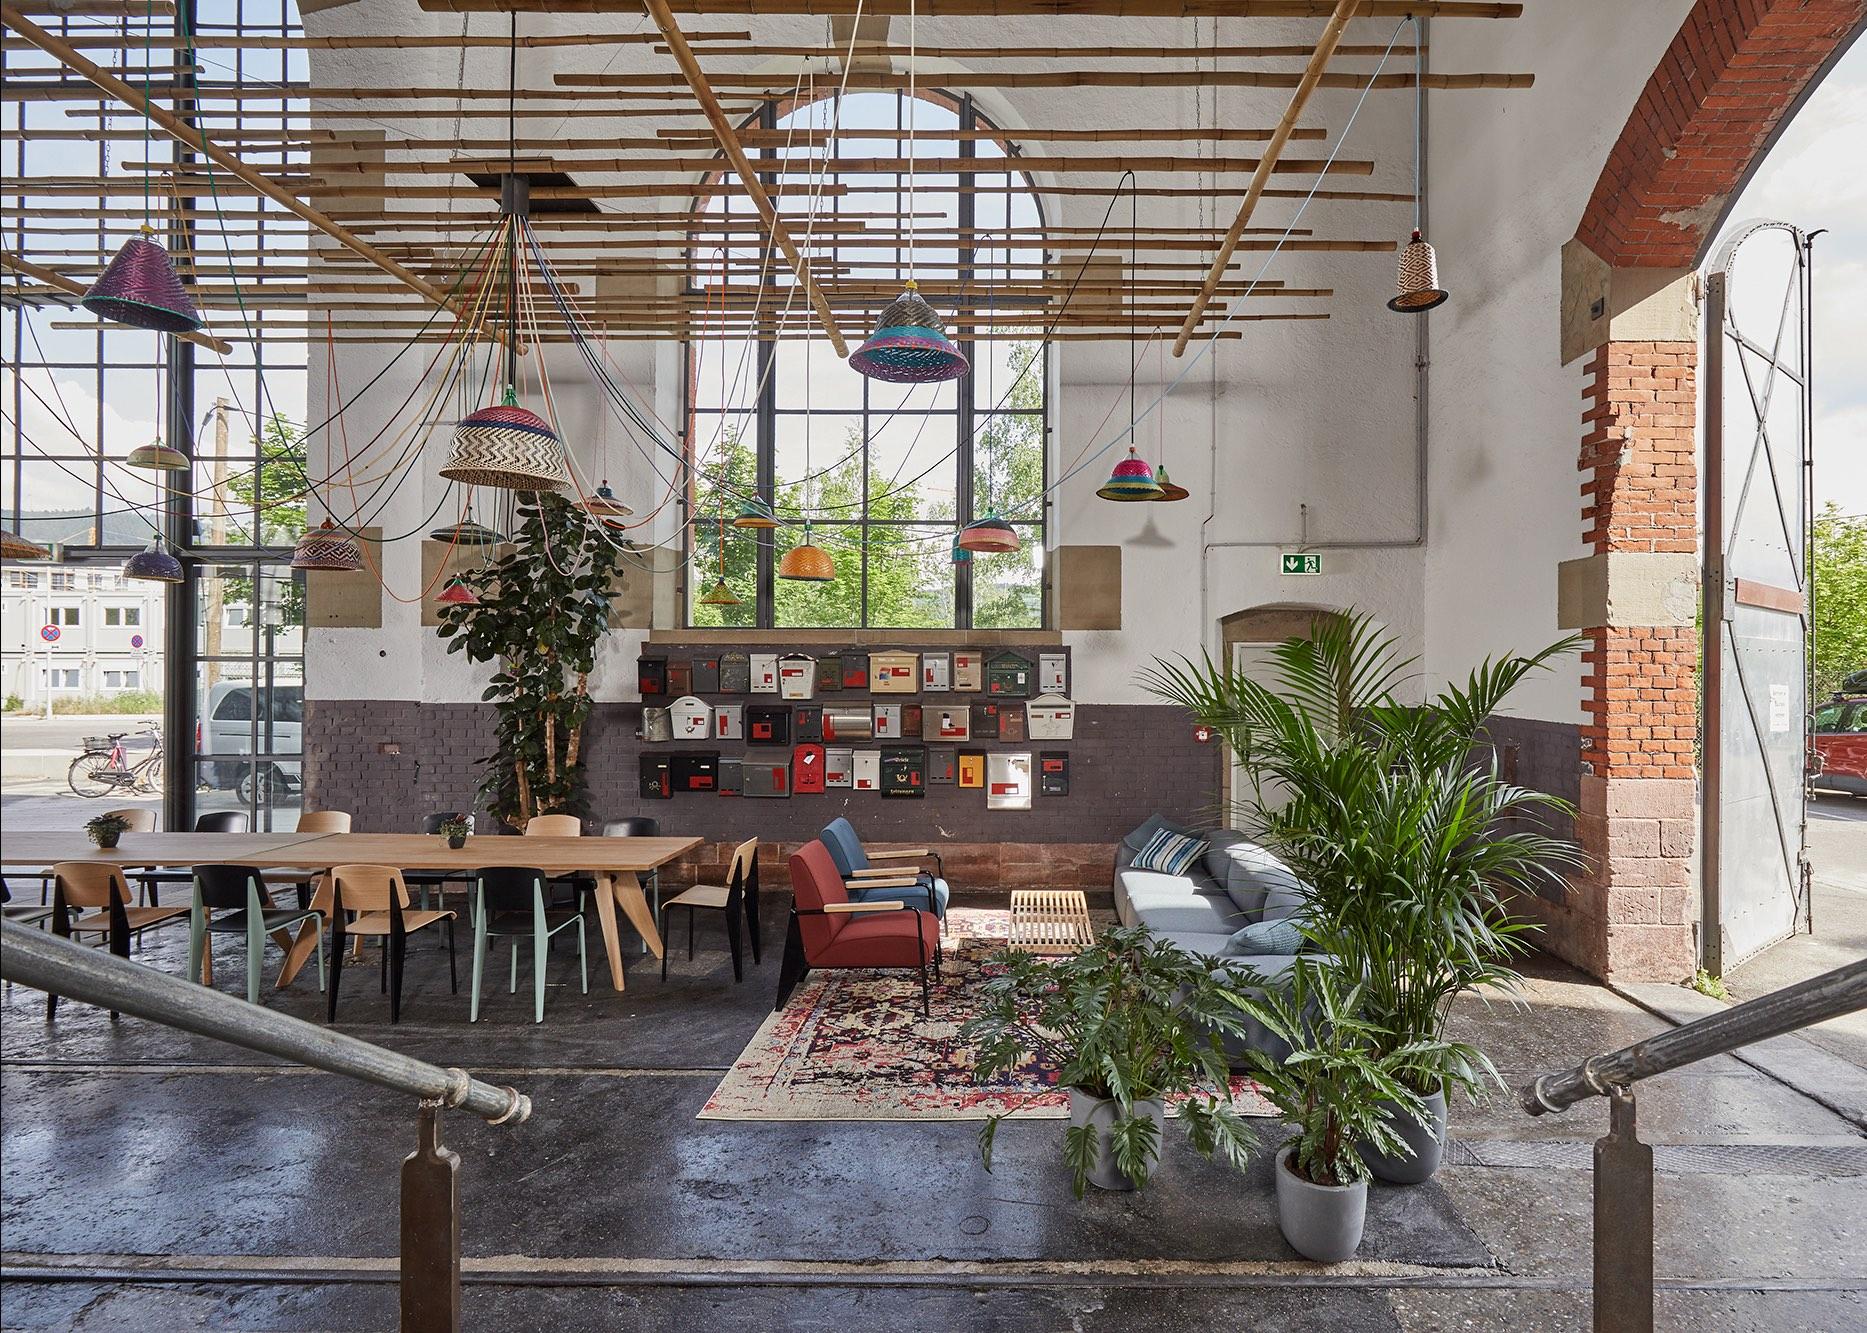 Lokhalle 2 in Grünhof – Inkubator und Heimat für die Nachhaltigkeitszene in Freiburg